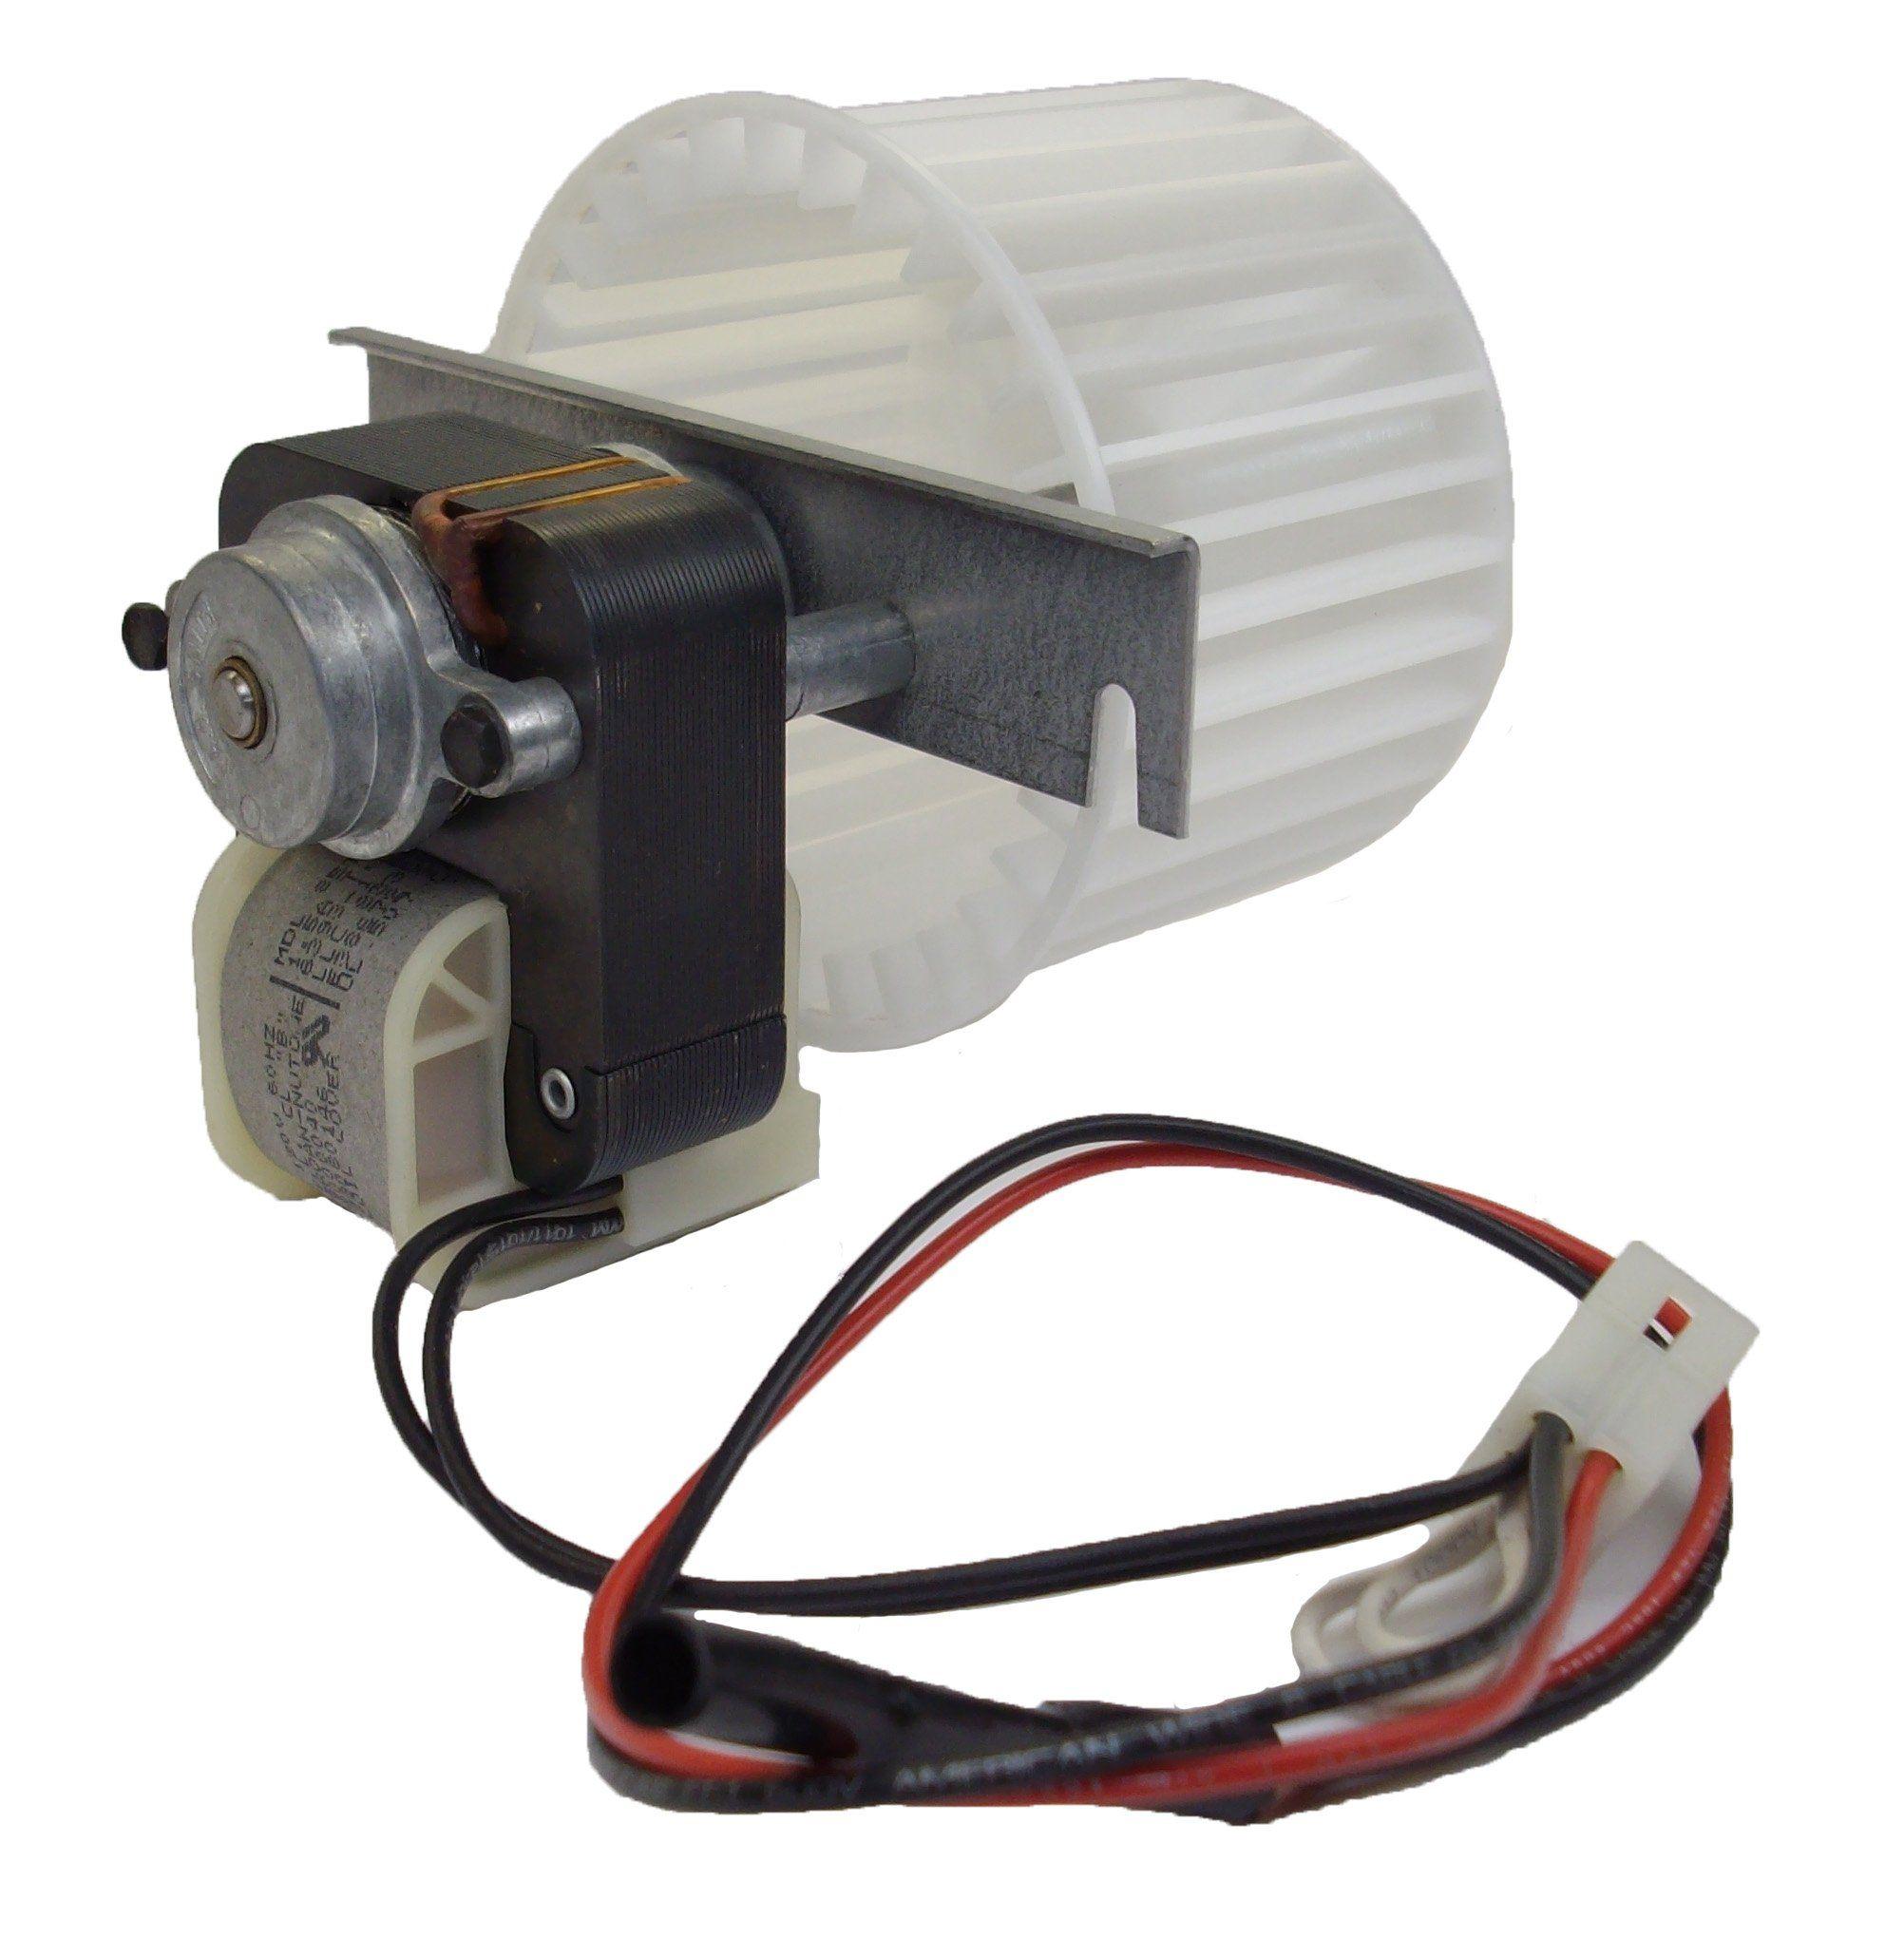 Bathroom Braun Bathroom Fan Broan Ventilation Fan With Light And Heater Broan Bathroom Heater Https Ift Tt 2c7jpqd